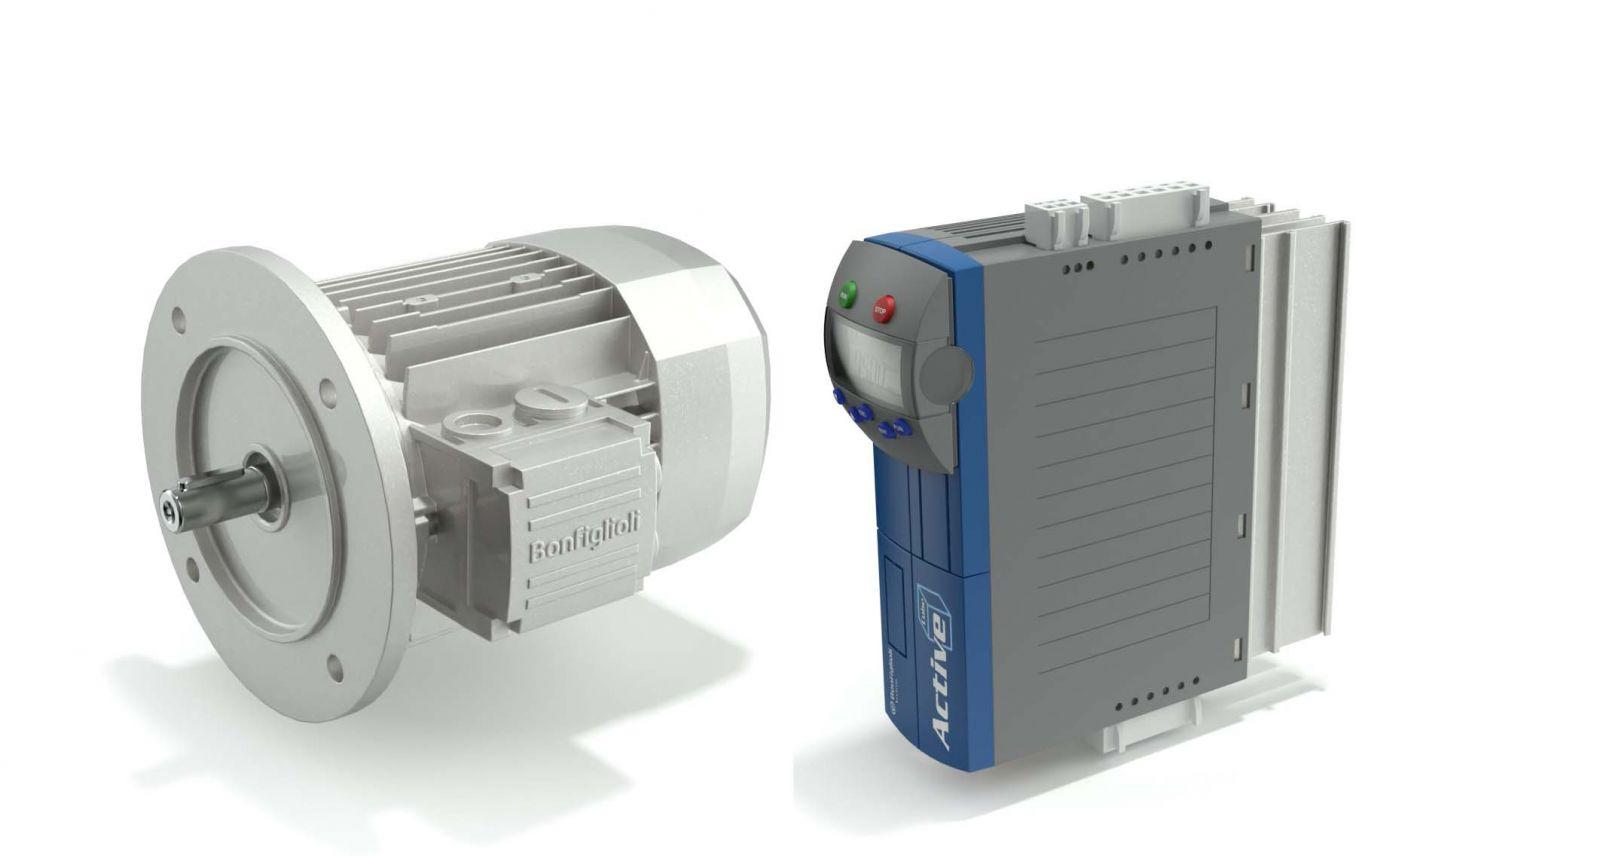 Insulation Class là gì? Động cơ điện 3 pha Bonfiglioli có những cấp cách điện nào?